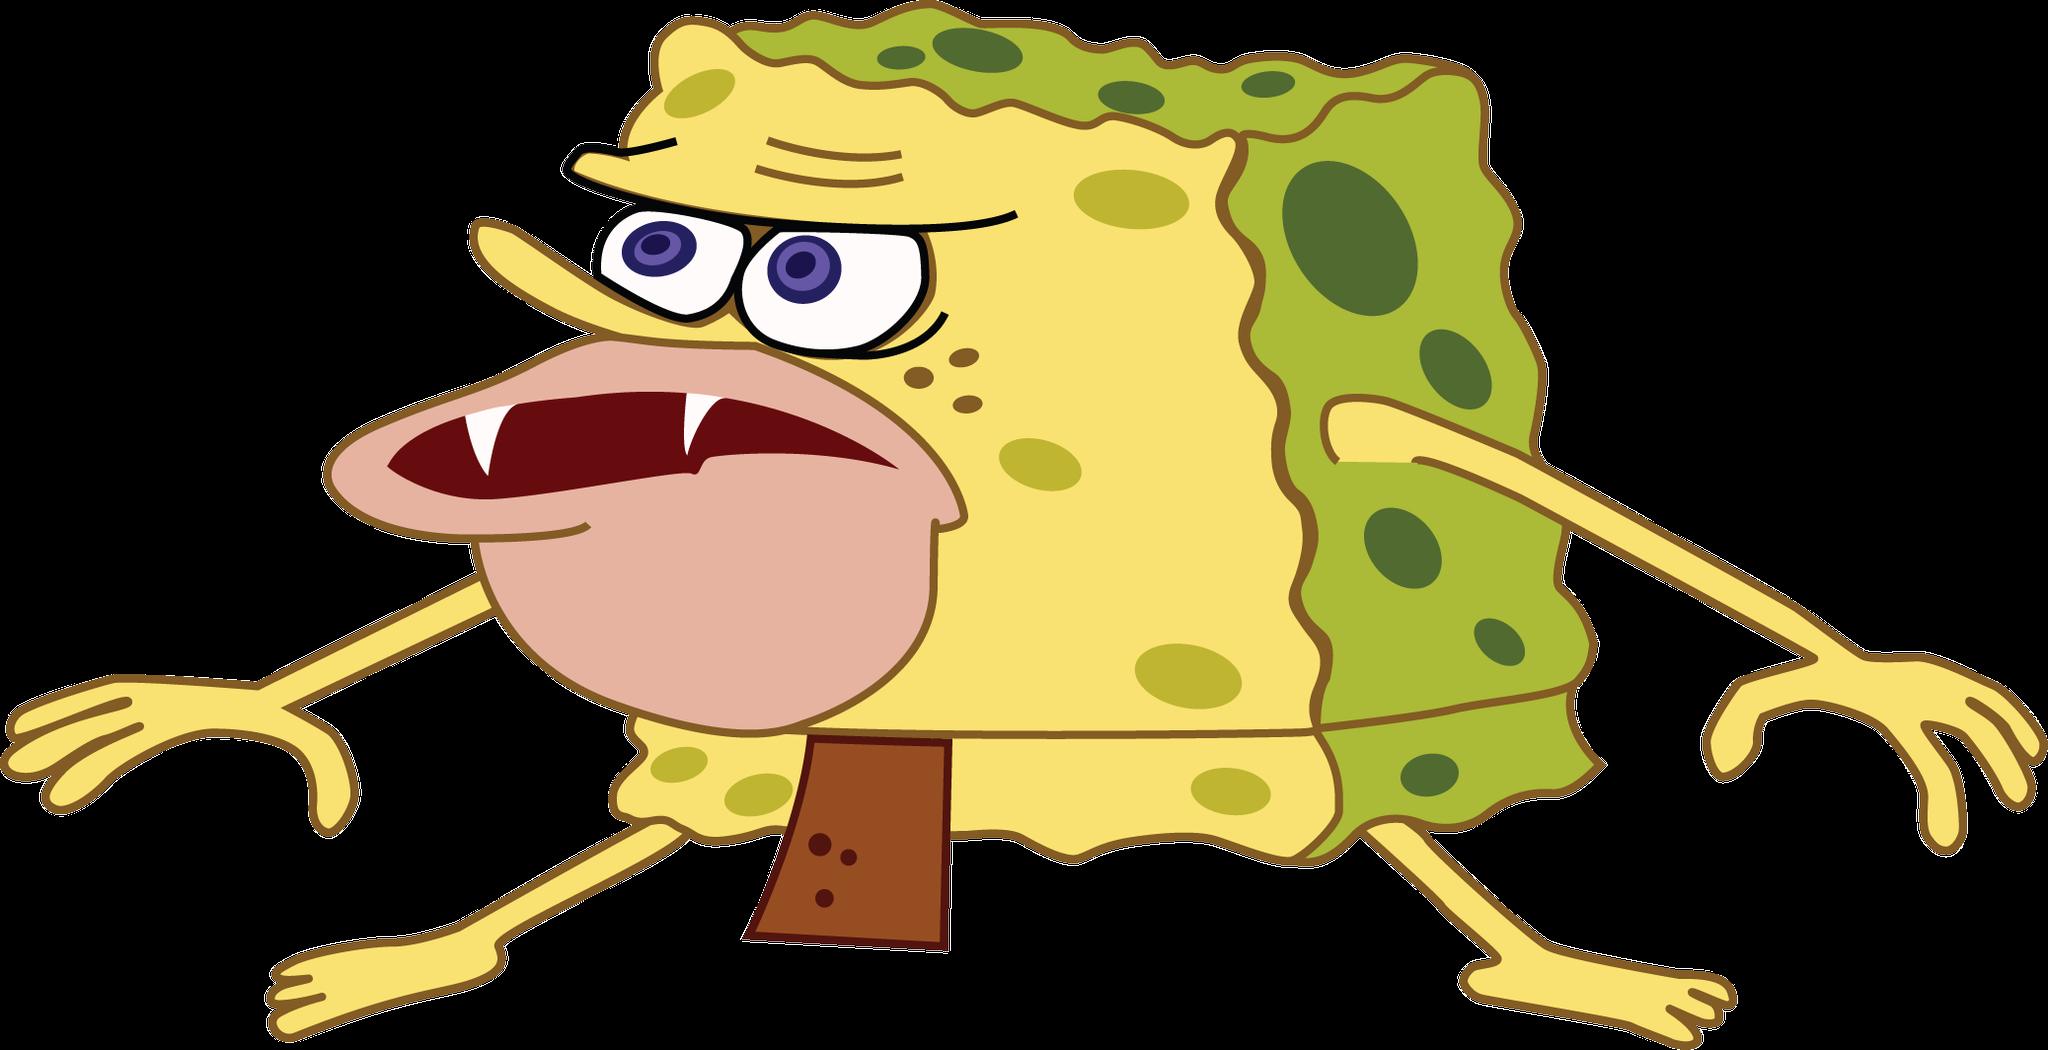 Spongebob Meme Stickers Spongebob Drawings Spongebob Cute Paintings